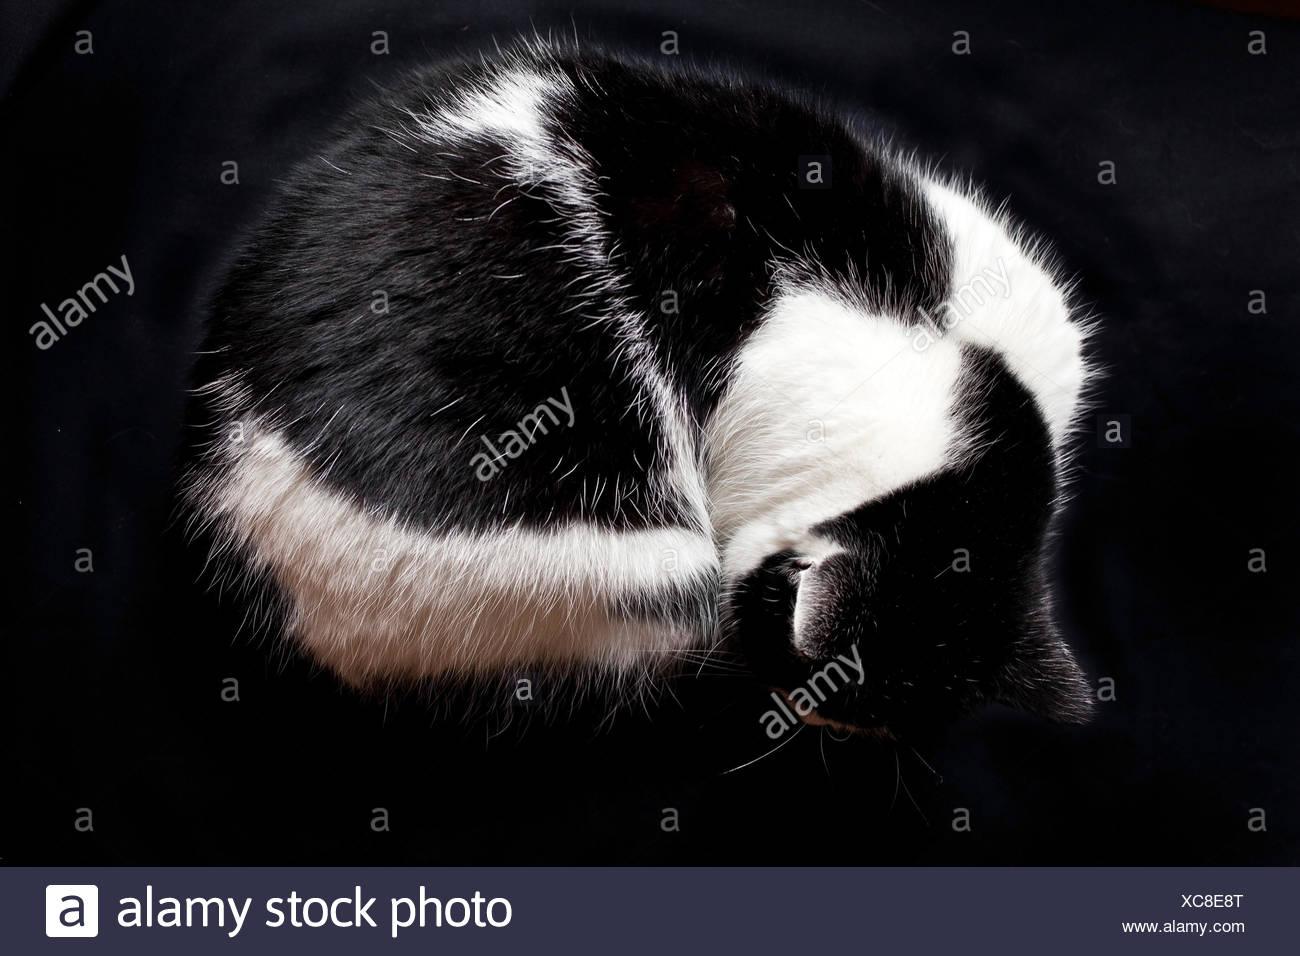 Hauskatze, Haus-Katze (Felis silvestris f. catus), zusammengerollte schwarzweisse Hauskatze | domestic cat, house cat (Felis sil - Stock Image